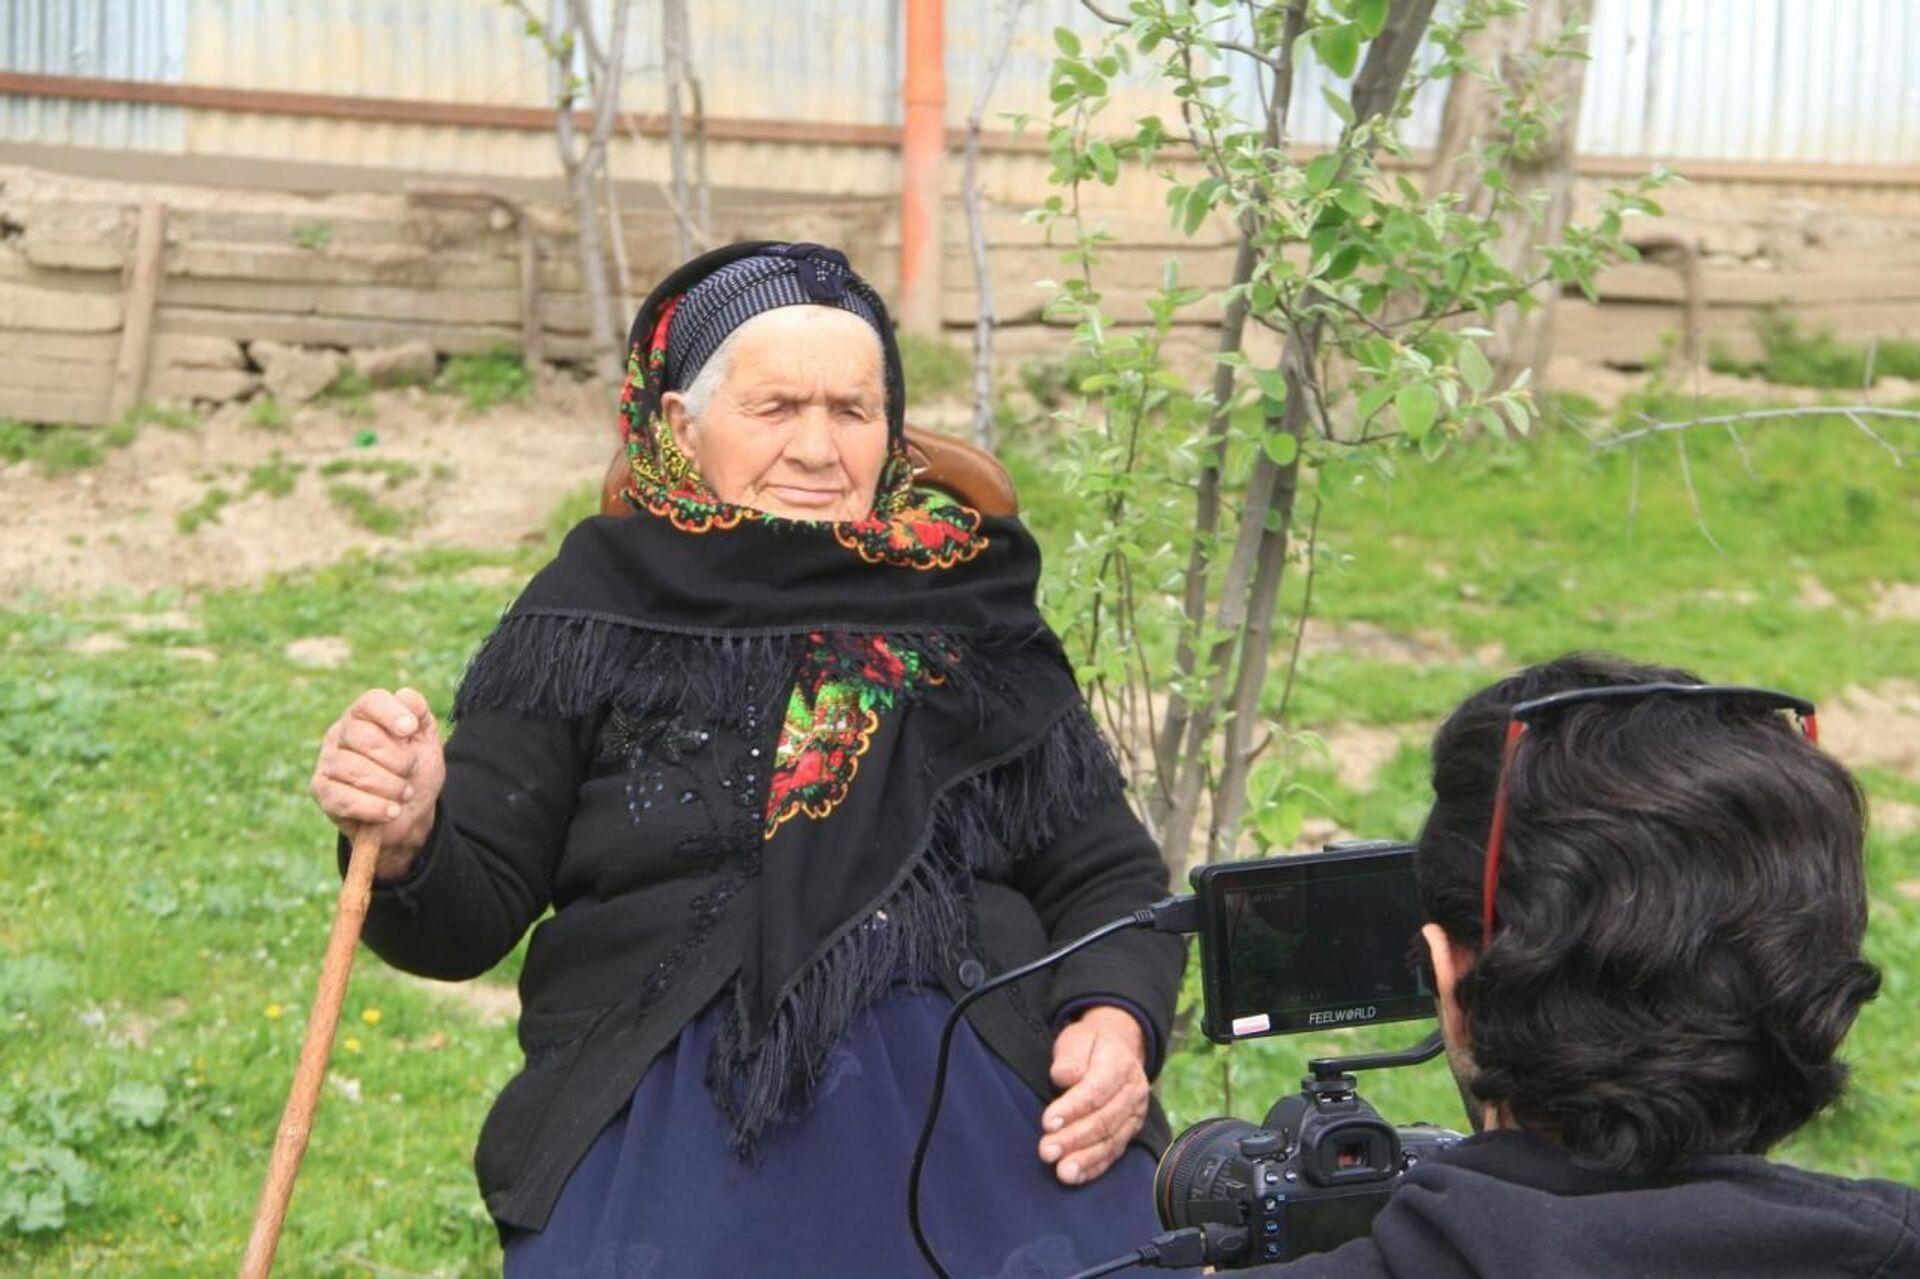 Весь мир увидит фильм о бабушке-кочевнице из Азербайджана - Sputnik Азербайджан, 1920, 14.04.2021